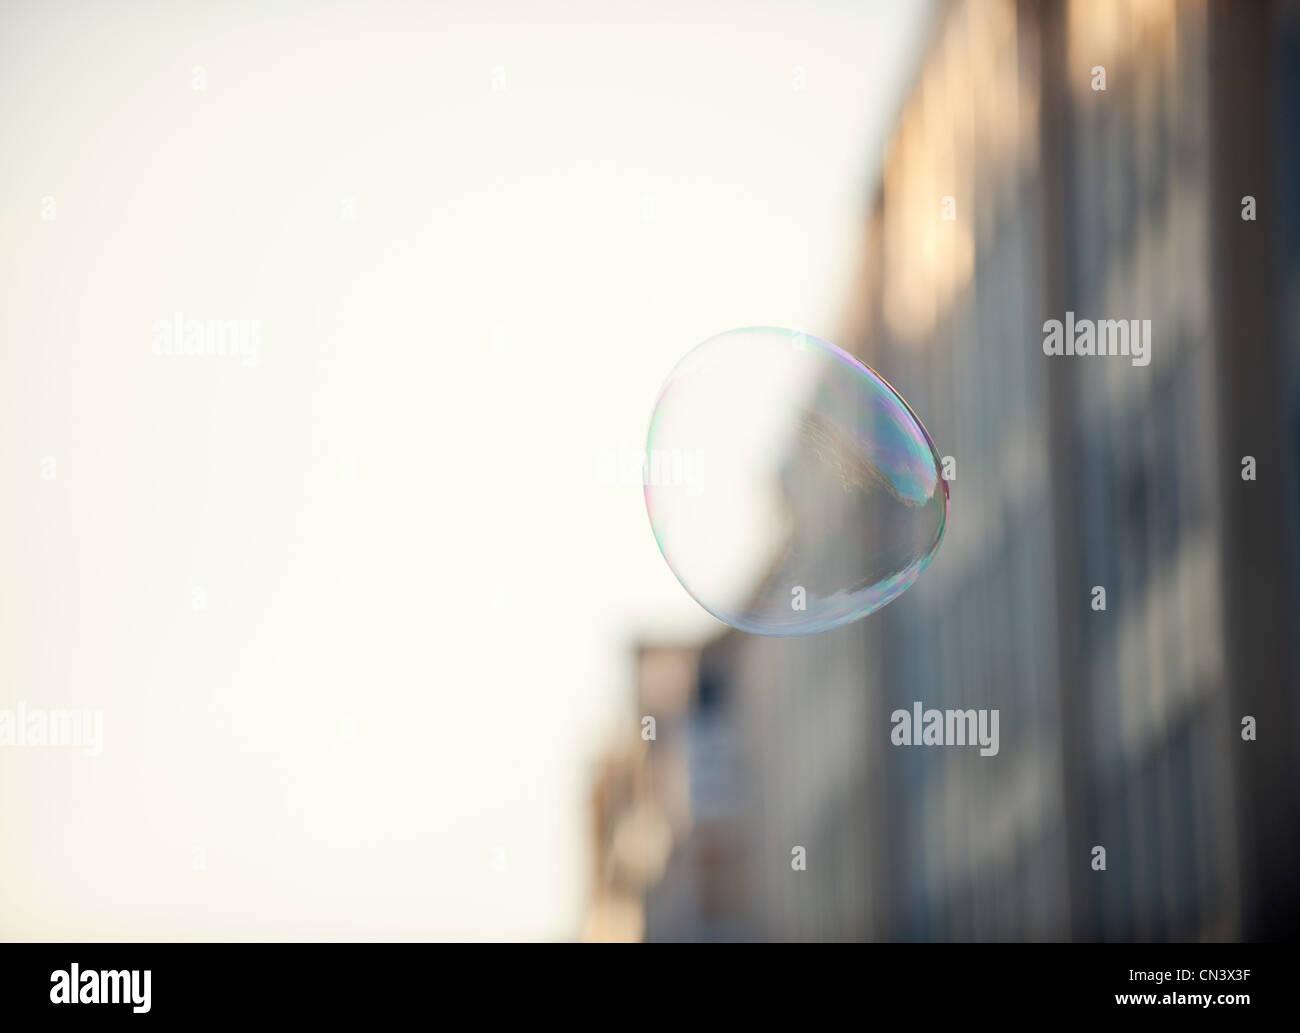 Eine Blase schwebend in einem städtischen Umfeld Stockbild